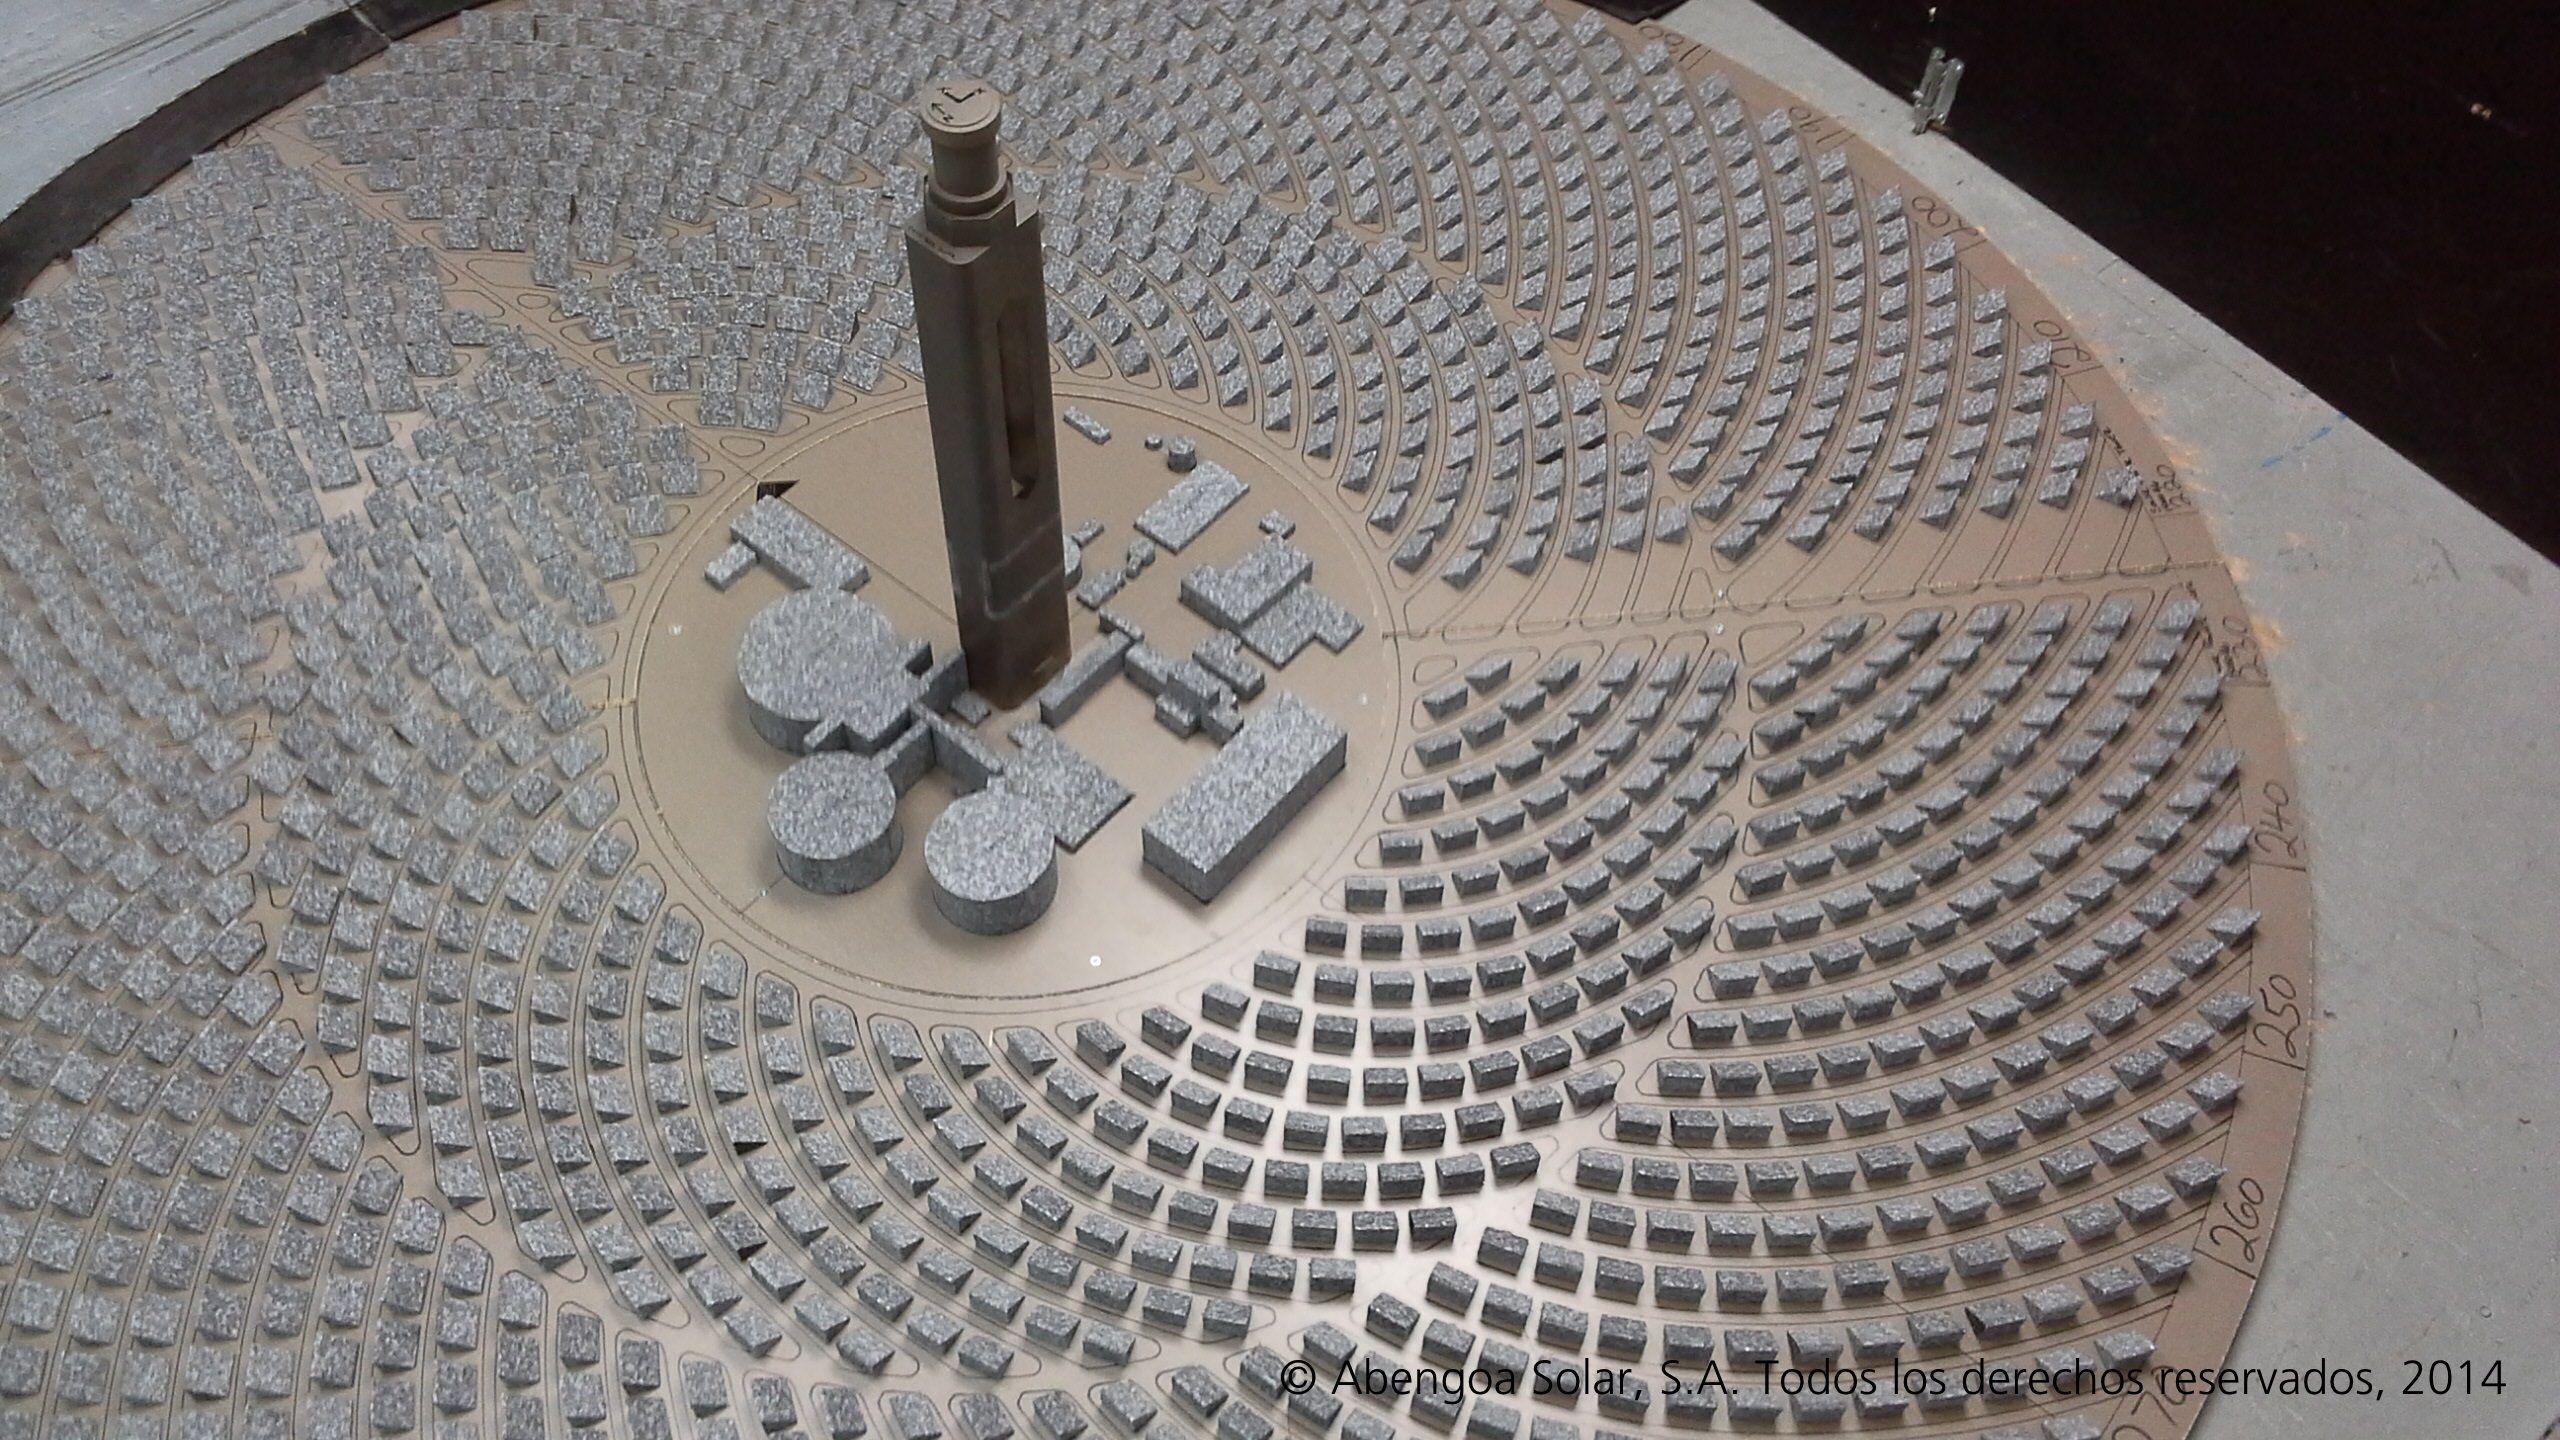 Scale model of the STE Atacama-1 Project , #Chile. //Maqueta del Proyecto STE Atacama-1, #Chile.  #Abengoa #PlantaSolar #EnergiaLimpia #Sostenible #America #Sol #Nuevo #SolarPlant #CleanEnergy #Sustainable #America #Sun #New